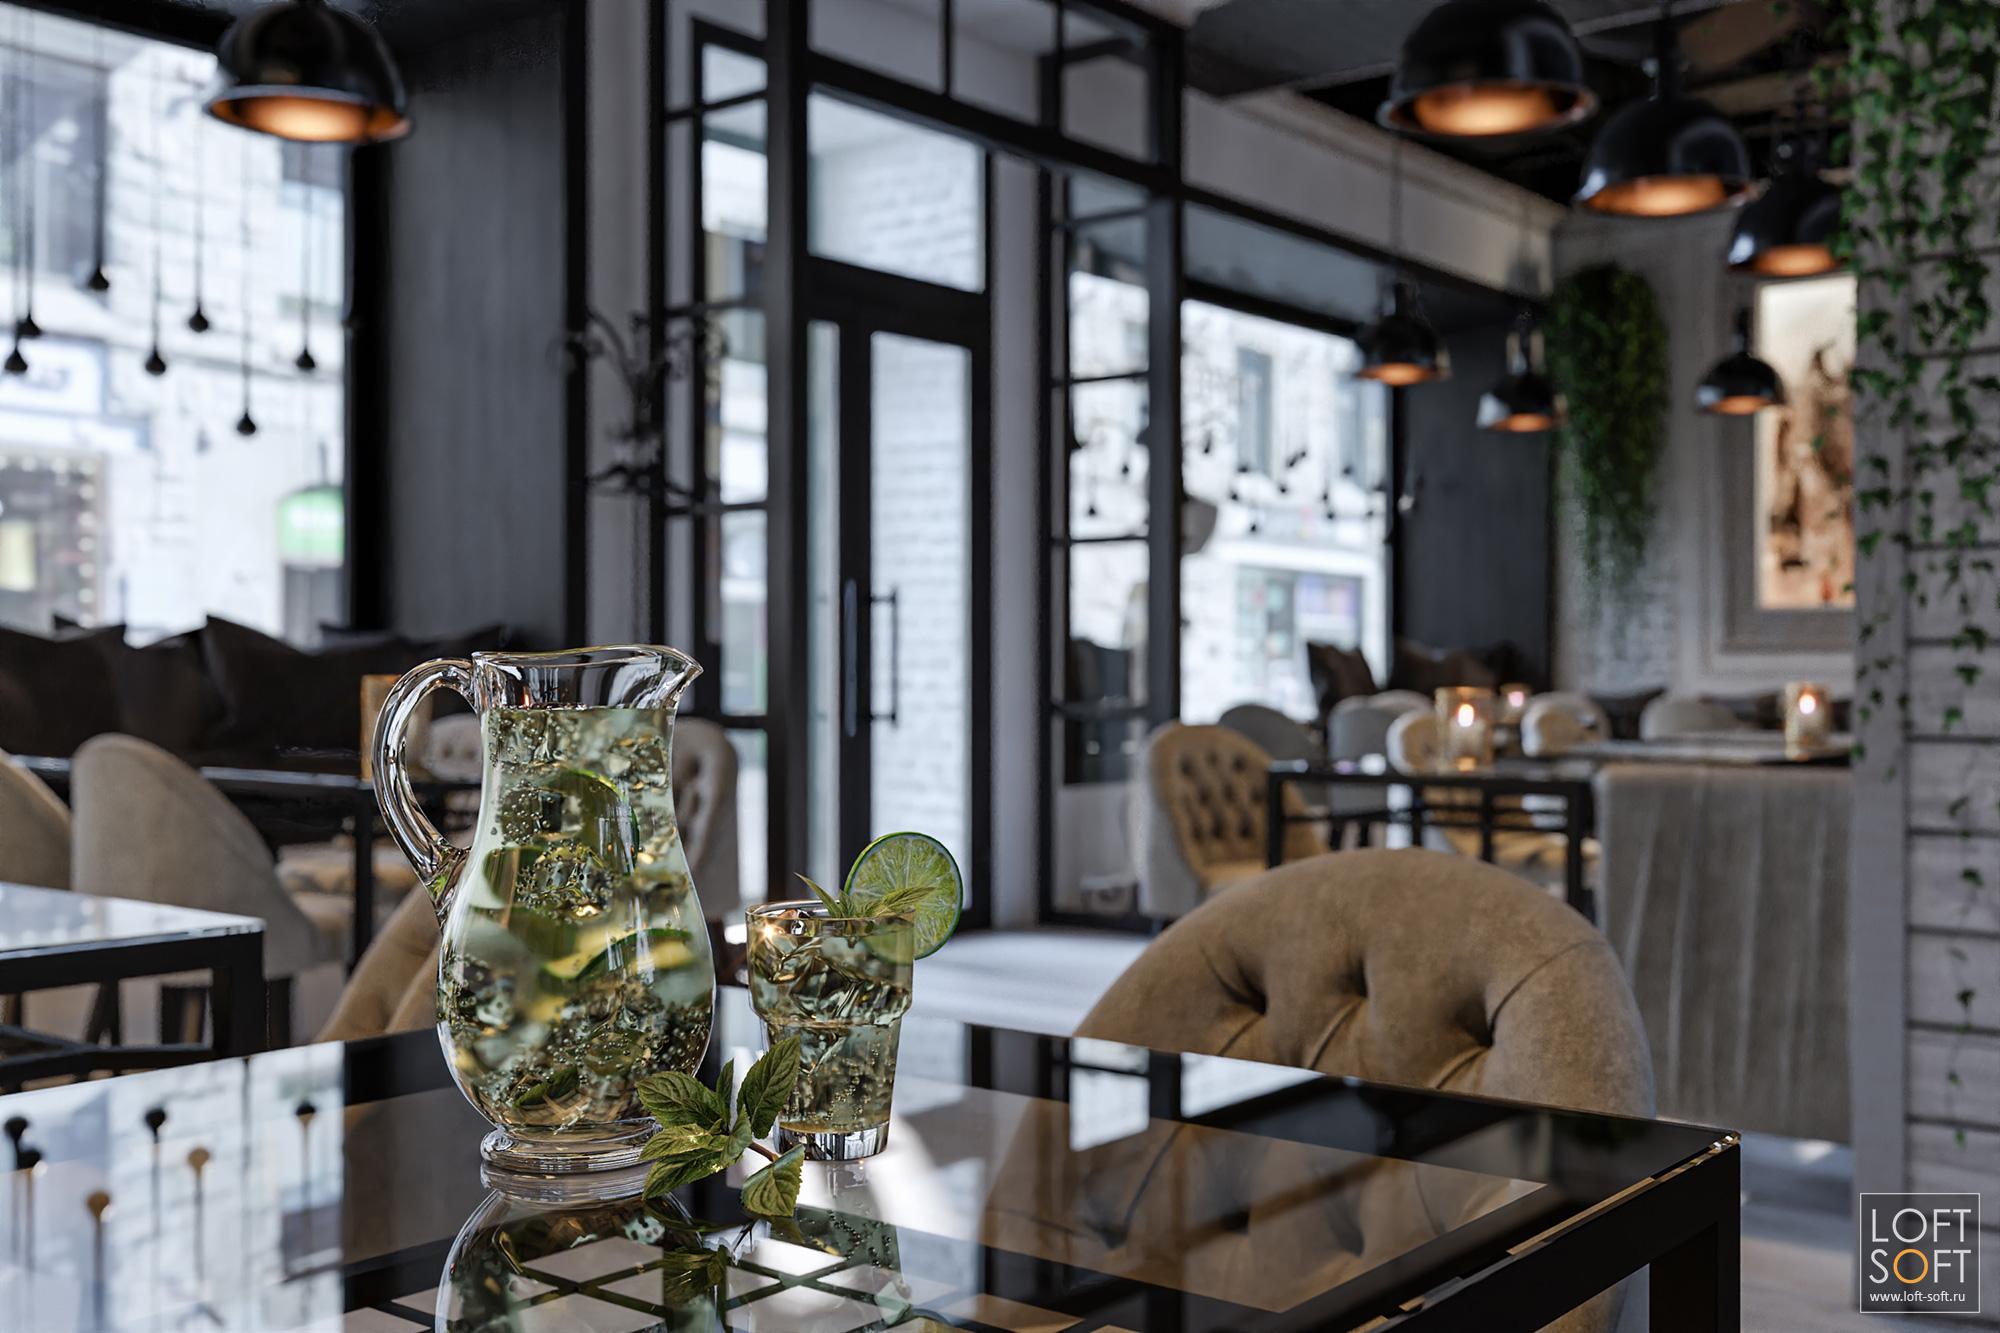 Уютное кафе встиле прованс. Цветы настоликах.